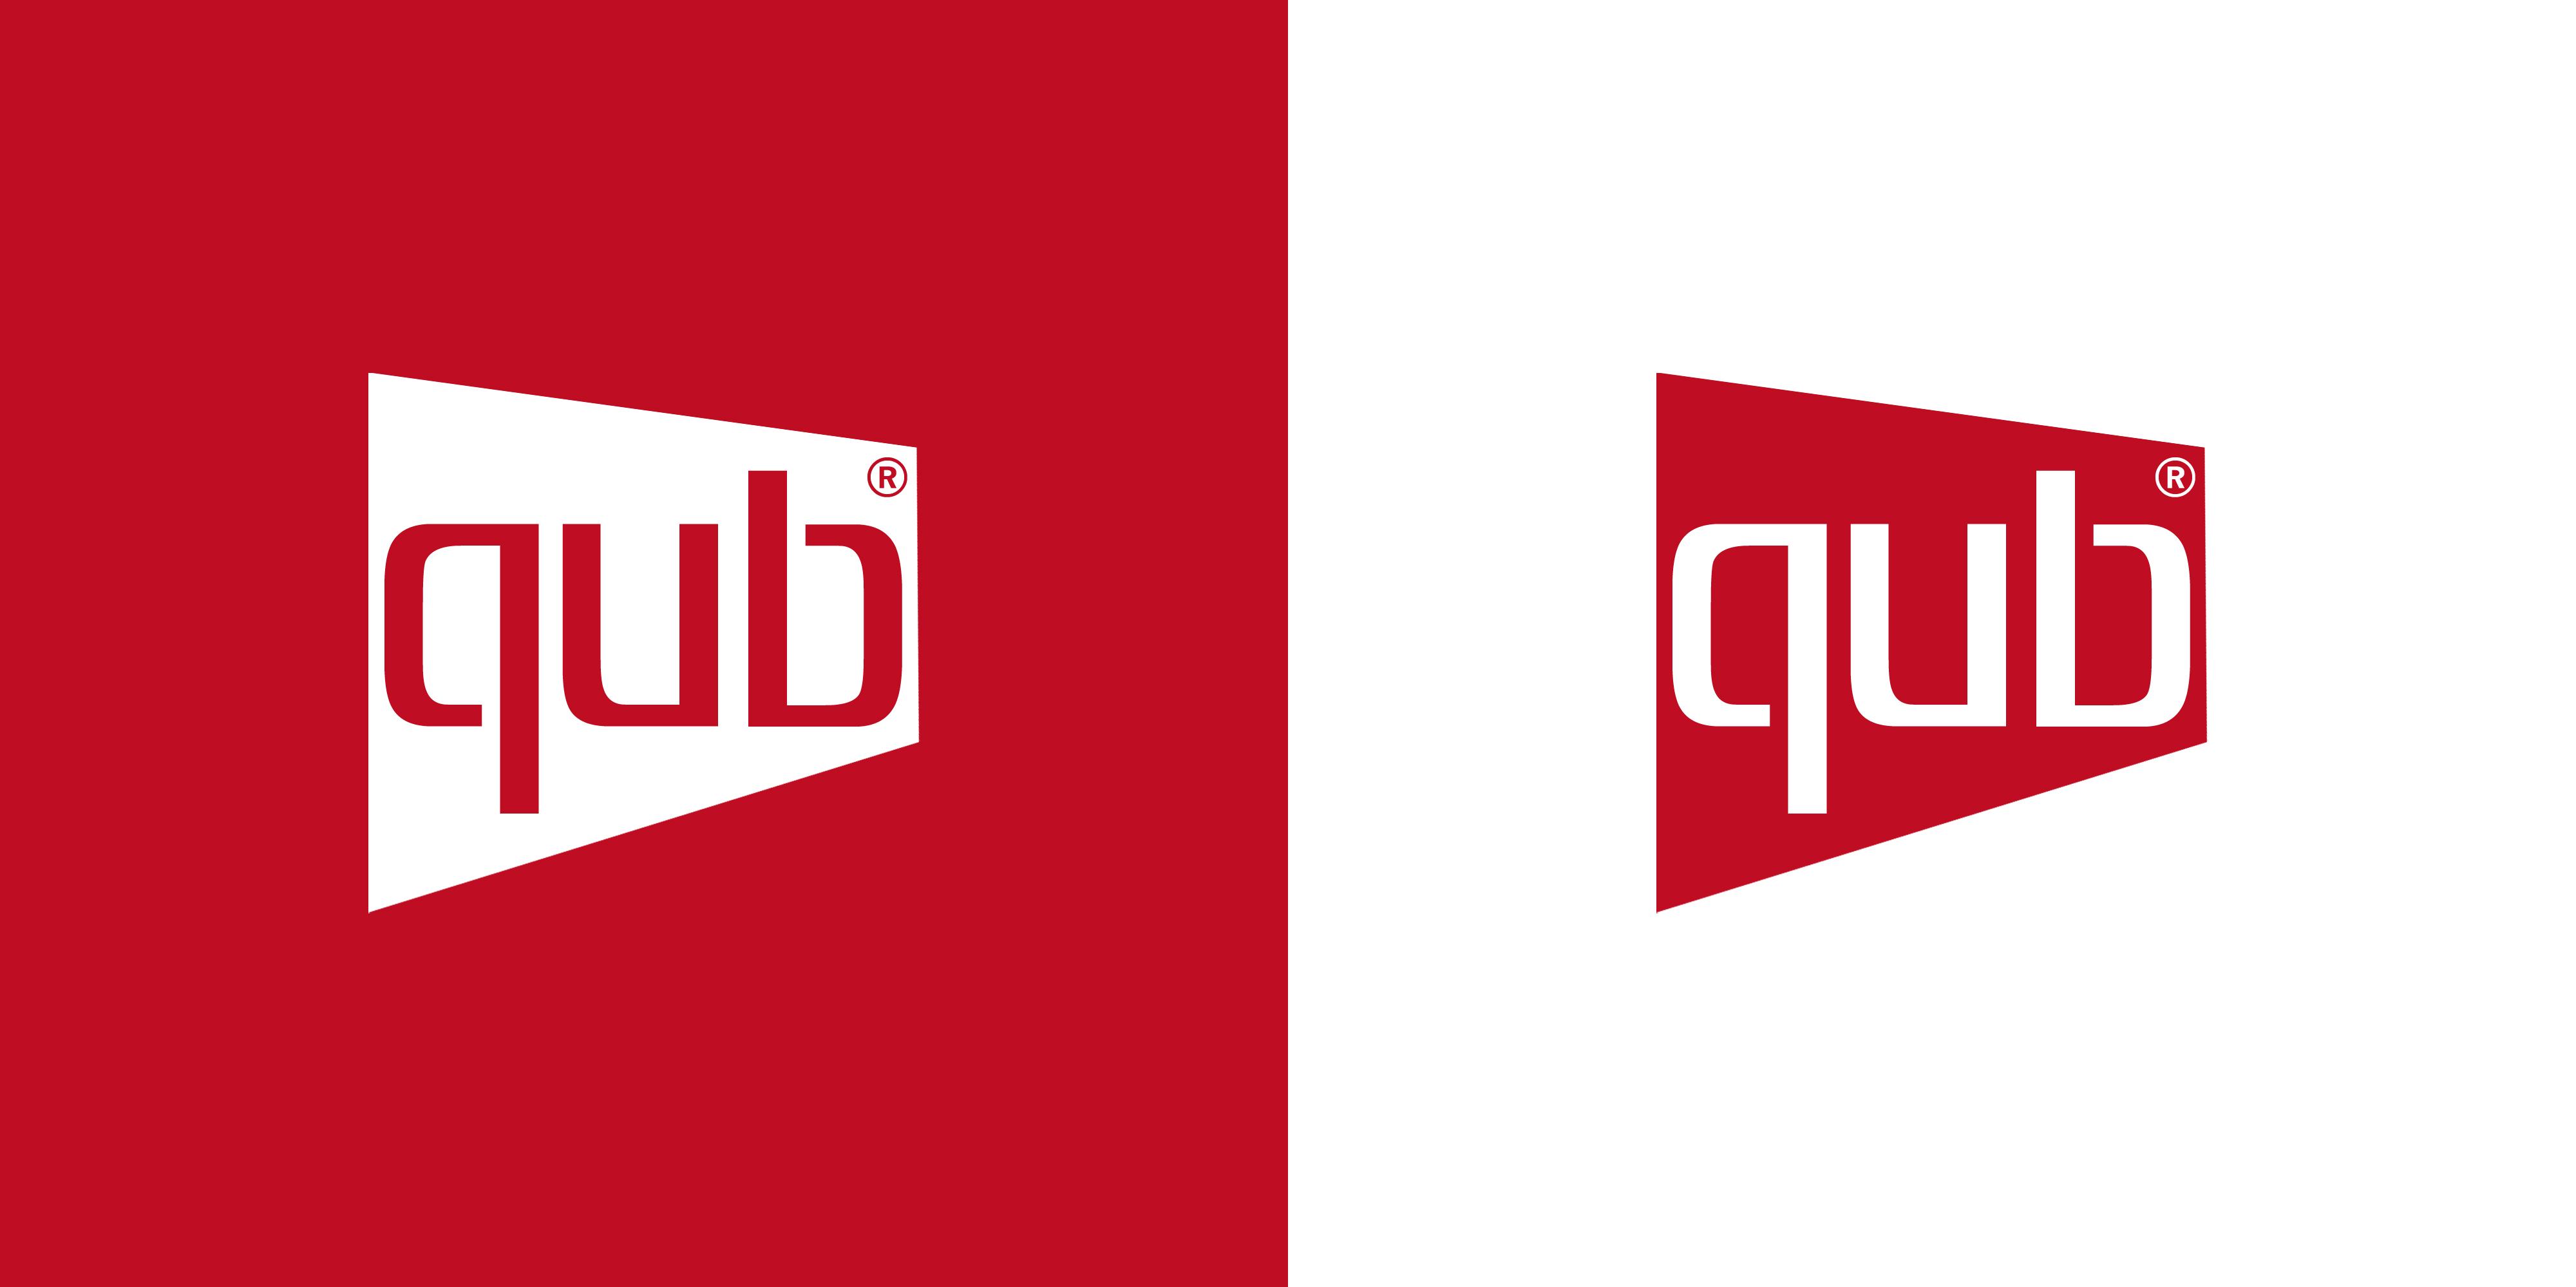 Разработка логотипа и фирменного стиля для ТМ фото f_3345f1c75301ca98.jpg